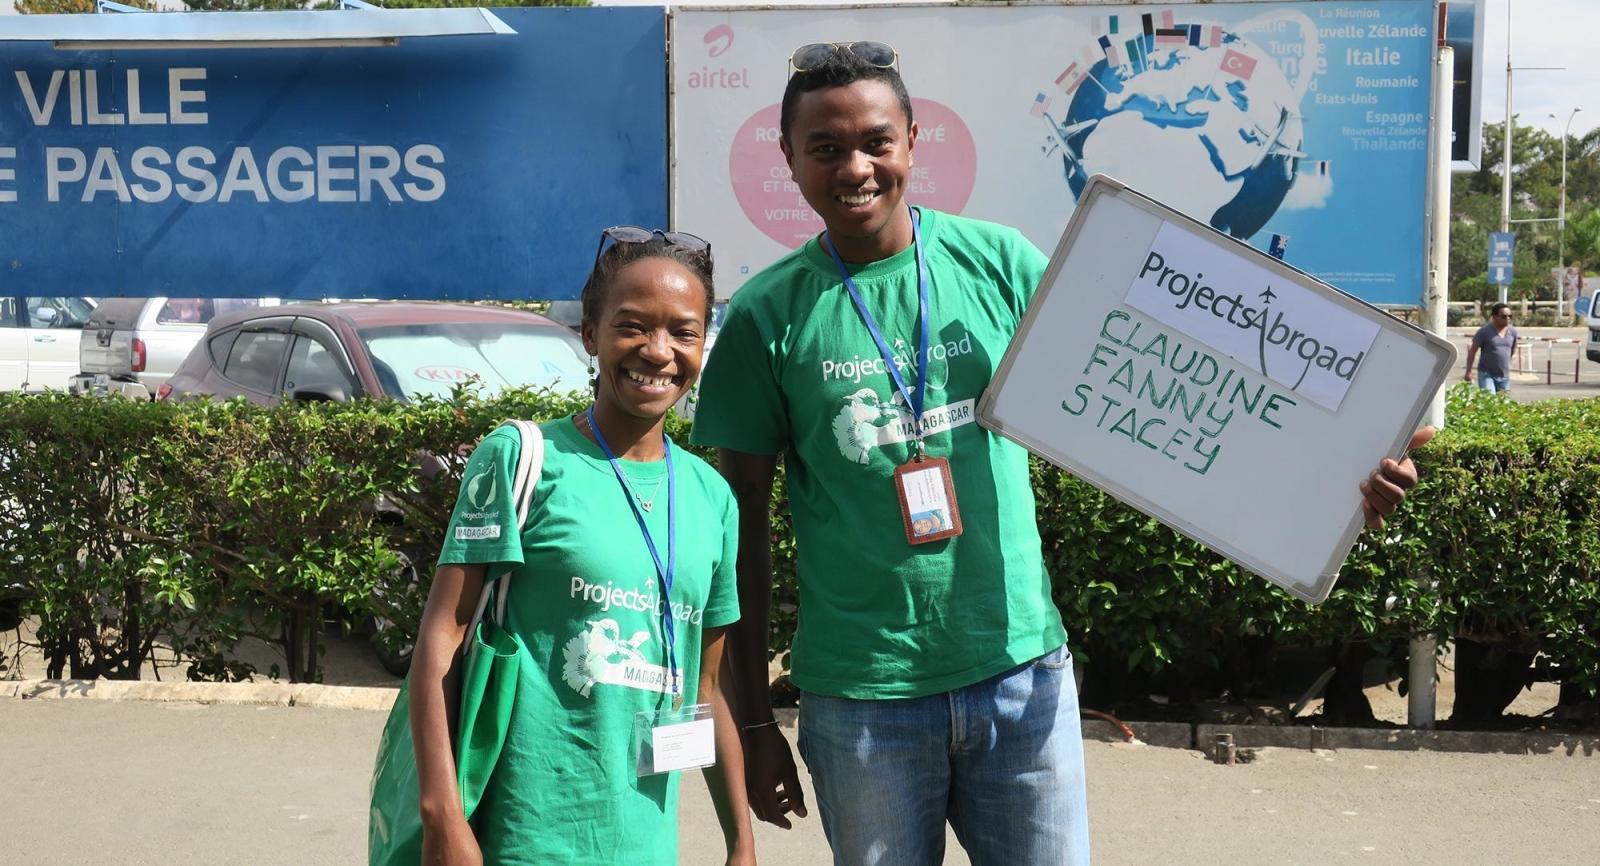 Lokale Mitarbeiter/innen in den Zielländern nehmen Freiwillige am Flughafen in Empfang